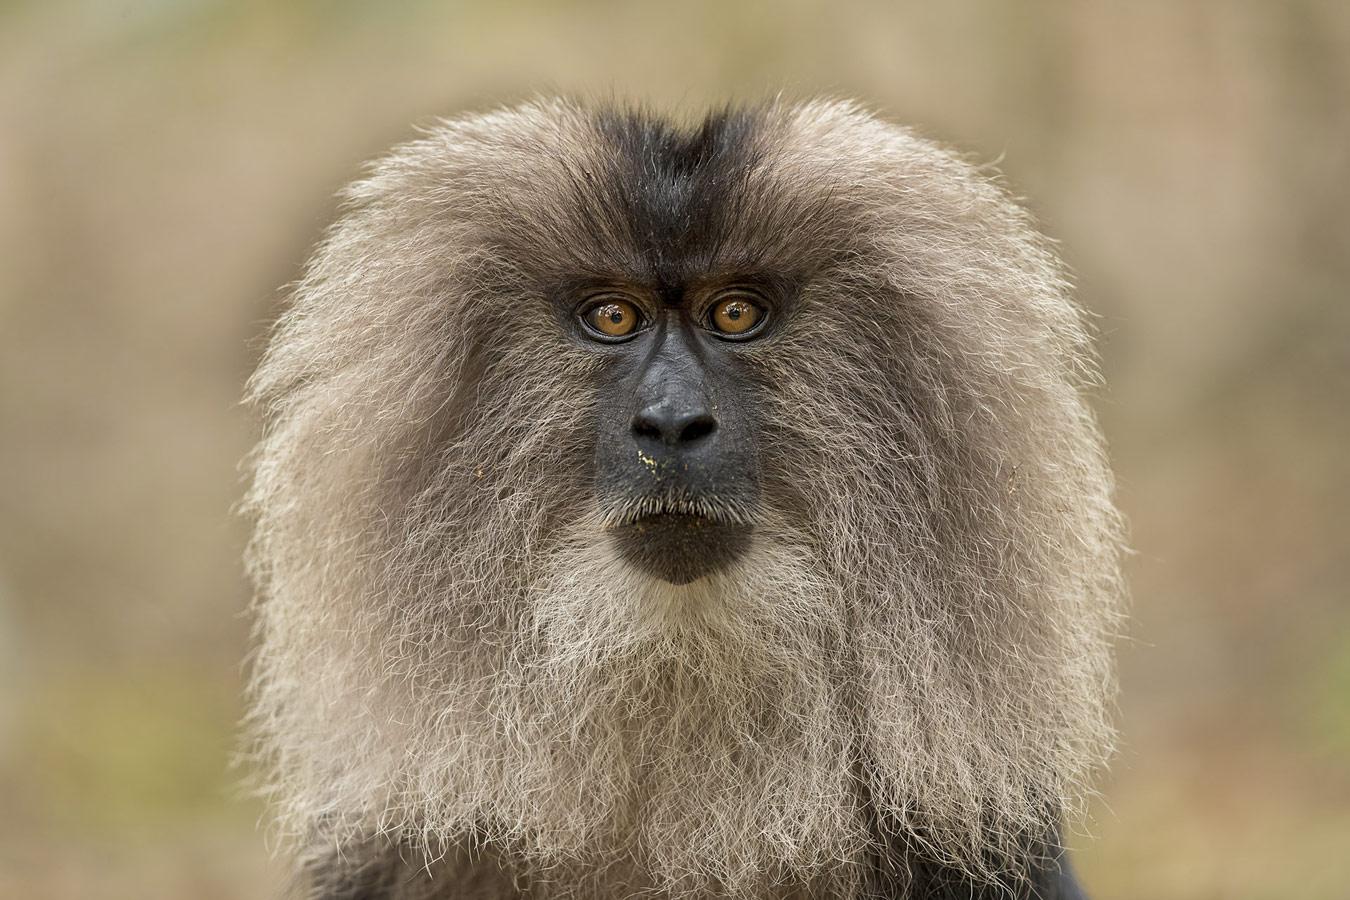 Прамод Ц Л / Pramod C L, Гургаон, Индия, Почётная оценка в категории «Дикая природа», Фотоконкурс «Лучшая природная фотография Азии» — Nature's Best Photography Asia